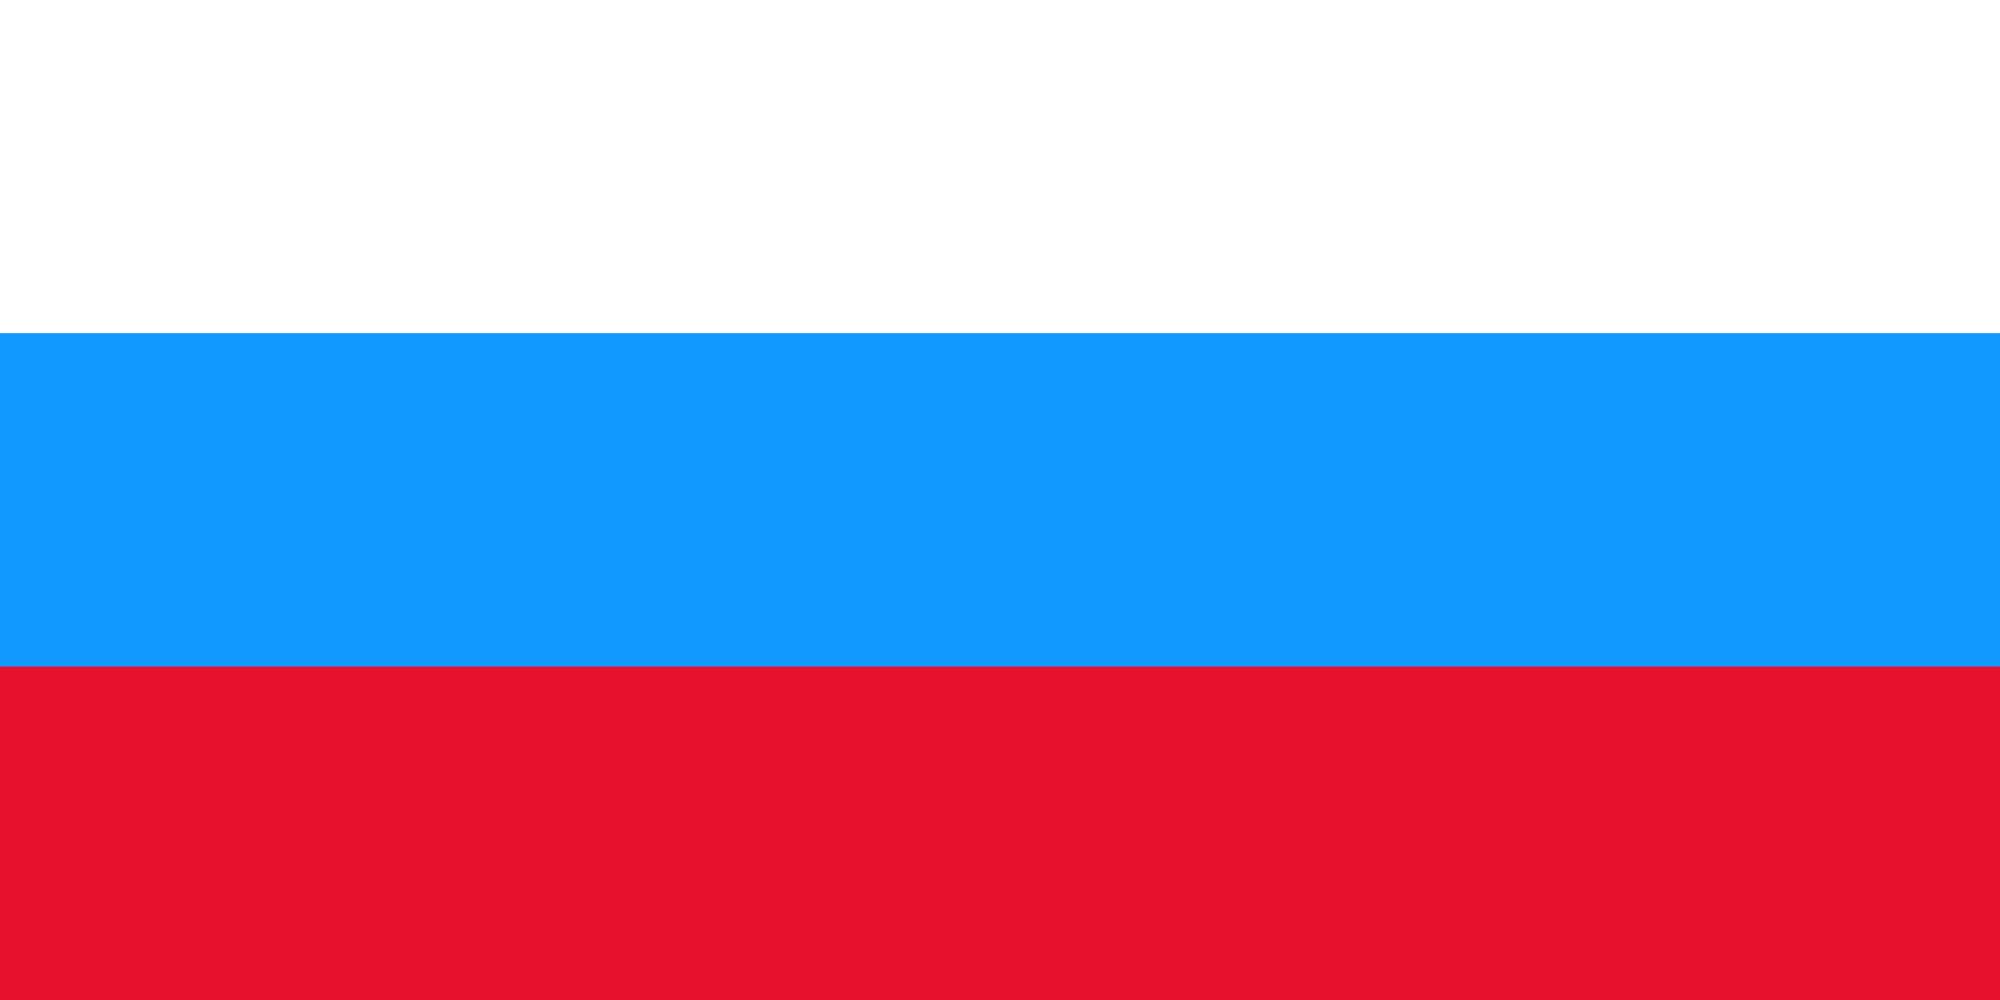 הדגל הרוסי